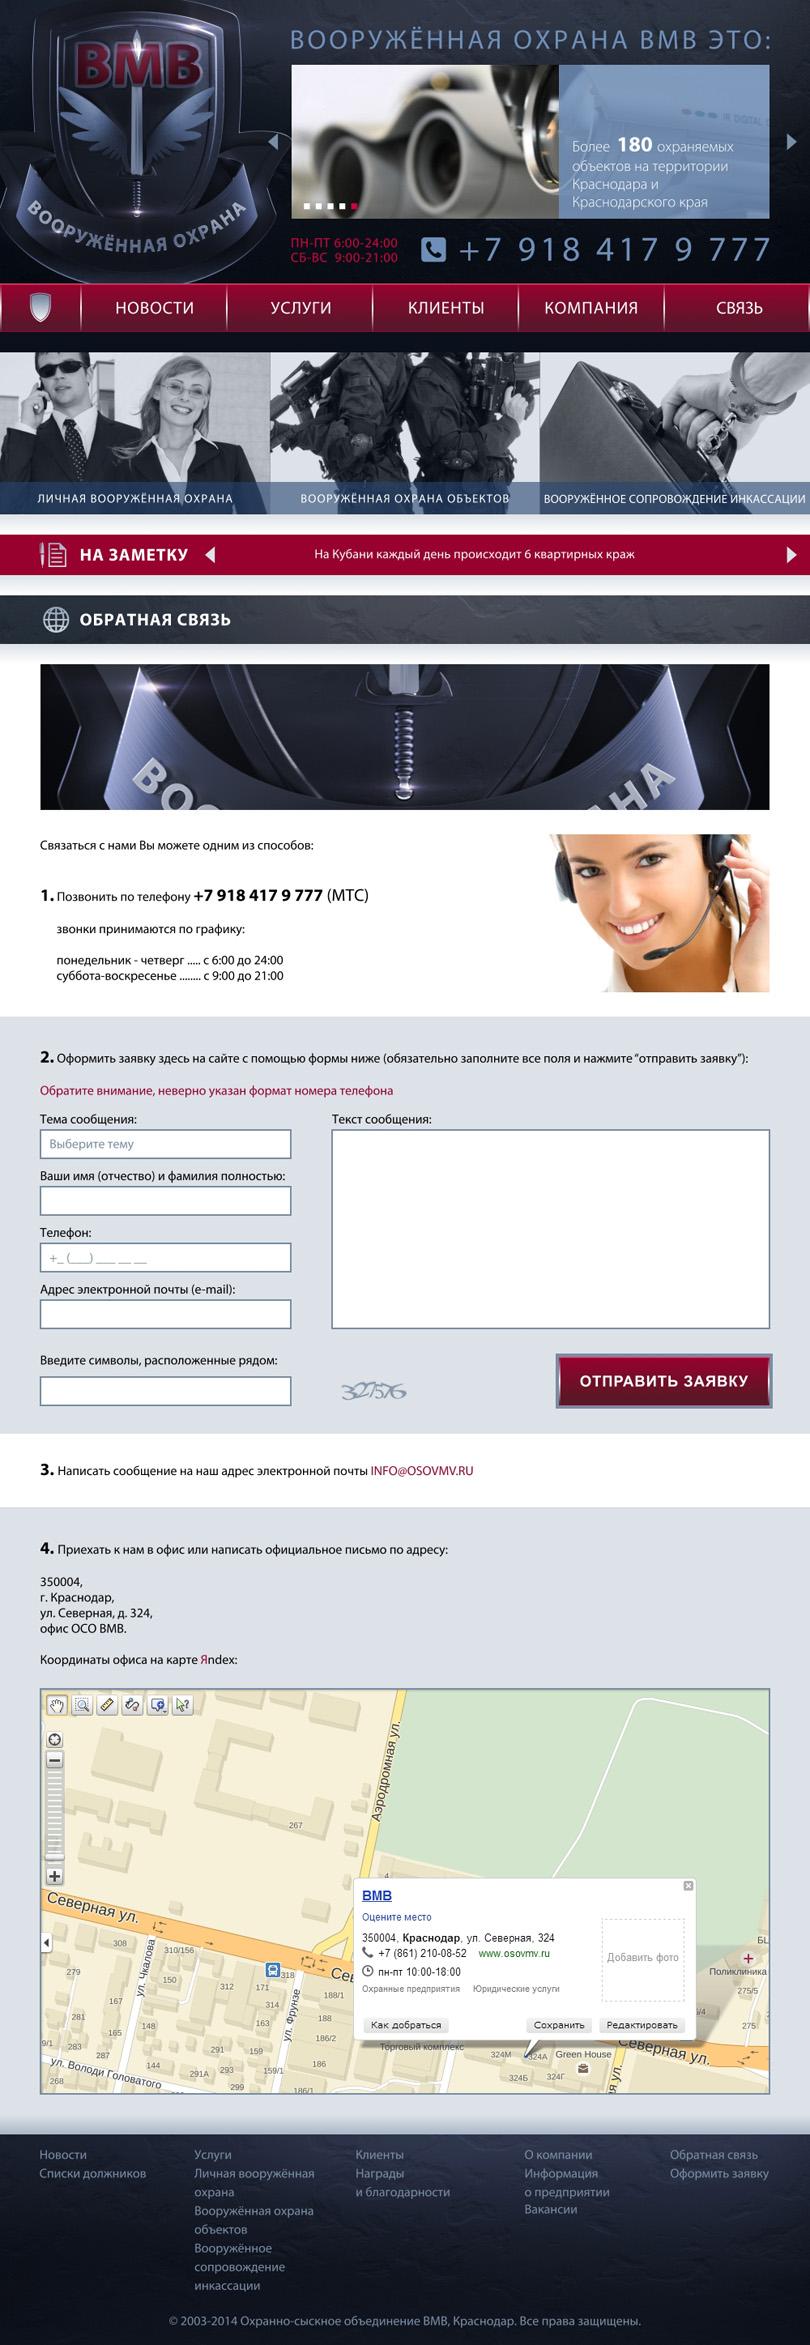 Эскиз страницы с контактной информацией сайта ОСО «ВМВ»